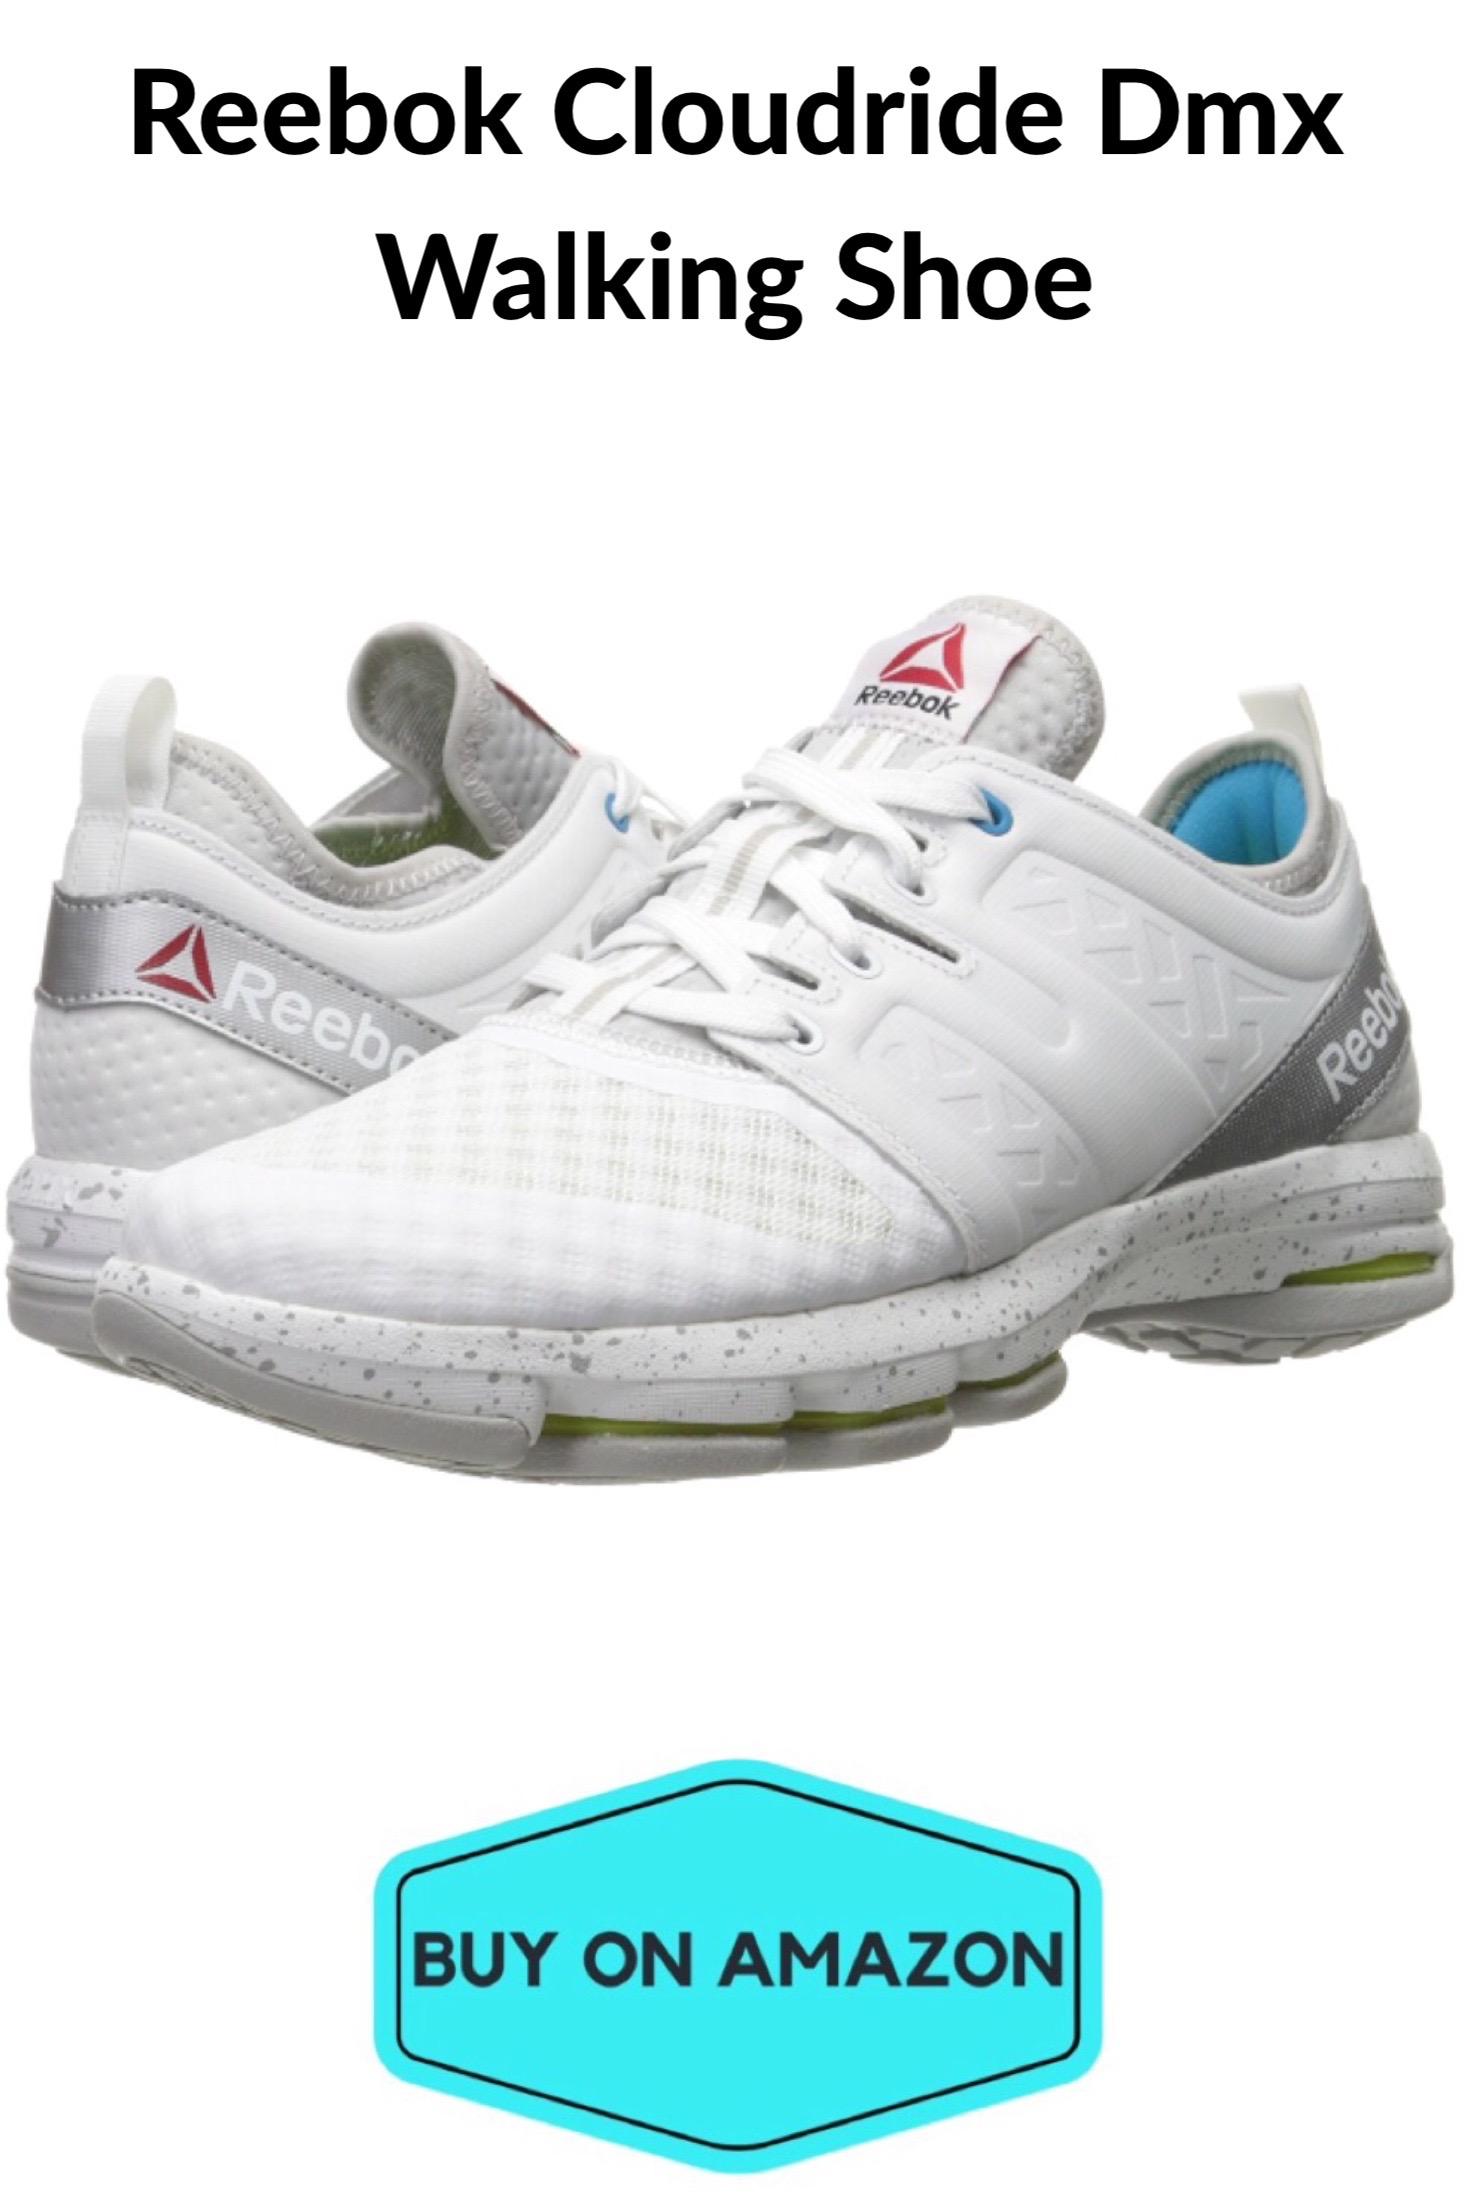 Reebok Cloudride Dmx Women's Walking Shoe